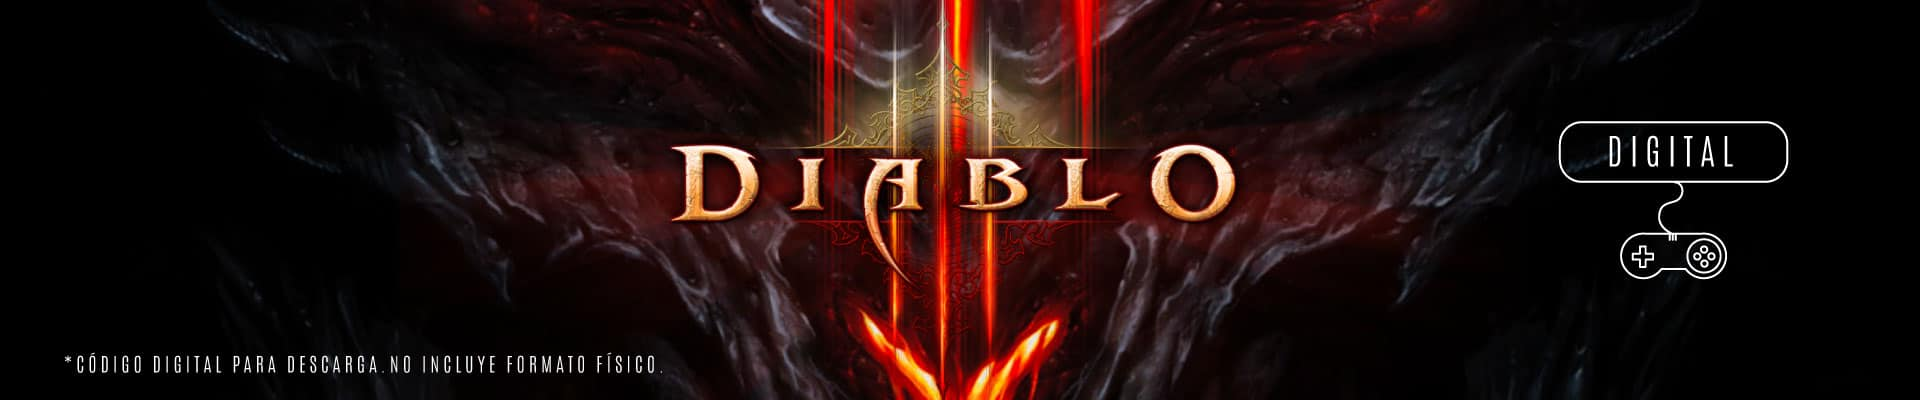 Diablo en Xtreme Play Colombia